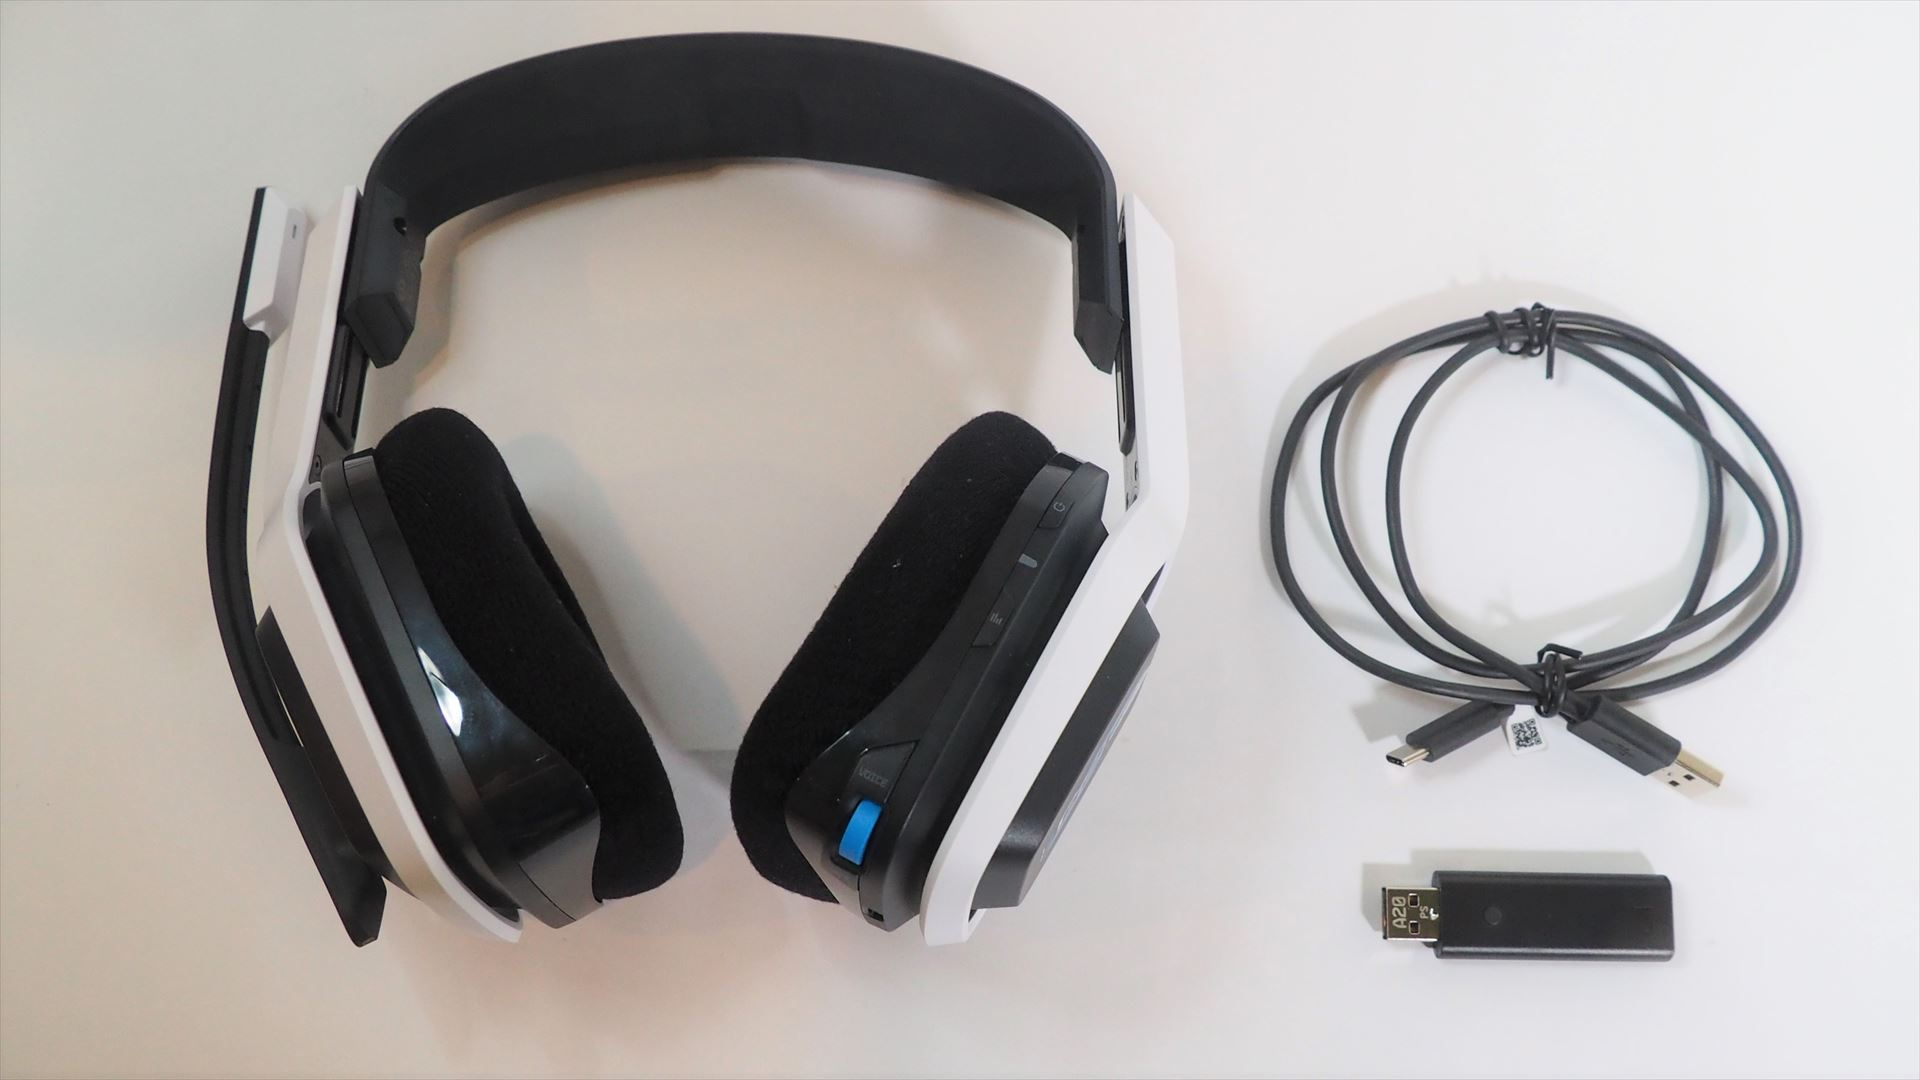 A20 WIRELESSのパッケージの中には、A20 WIRELESS本体とUSBトランスミッター、USB-AーUSB-Cケーブルが入っている